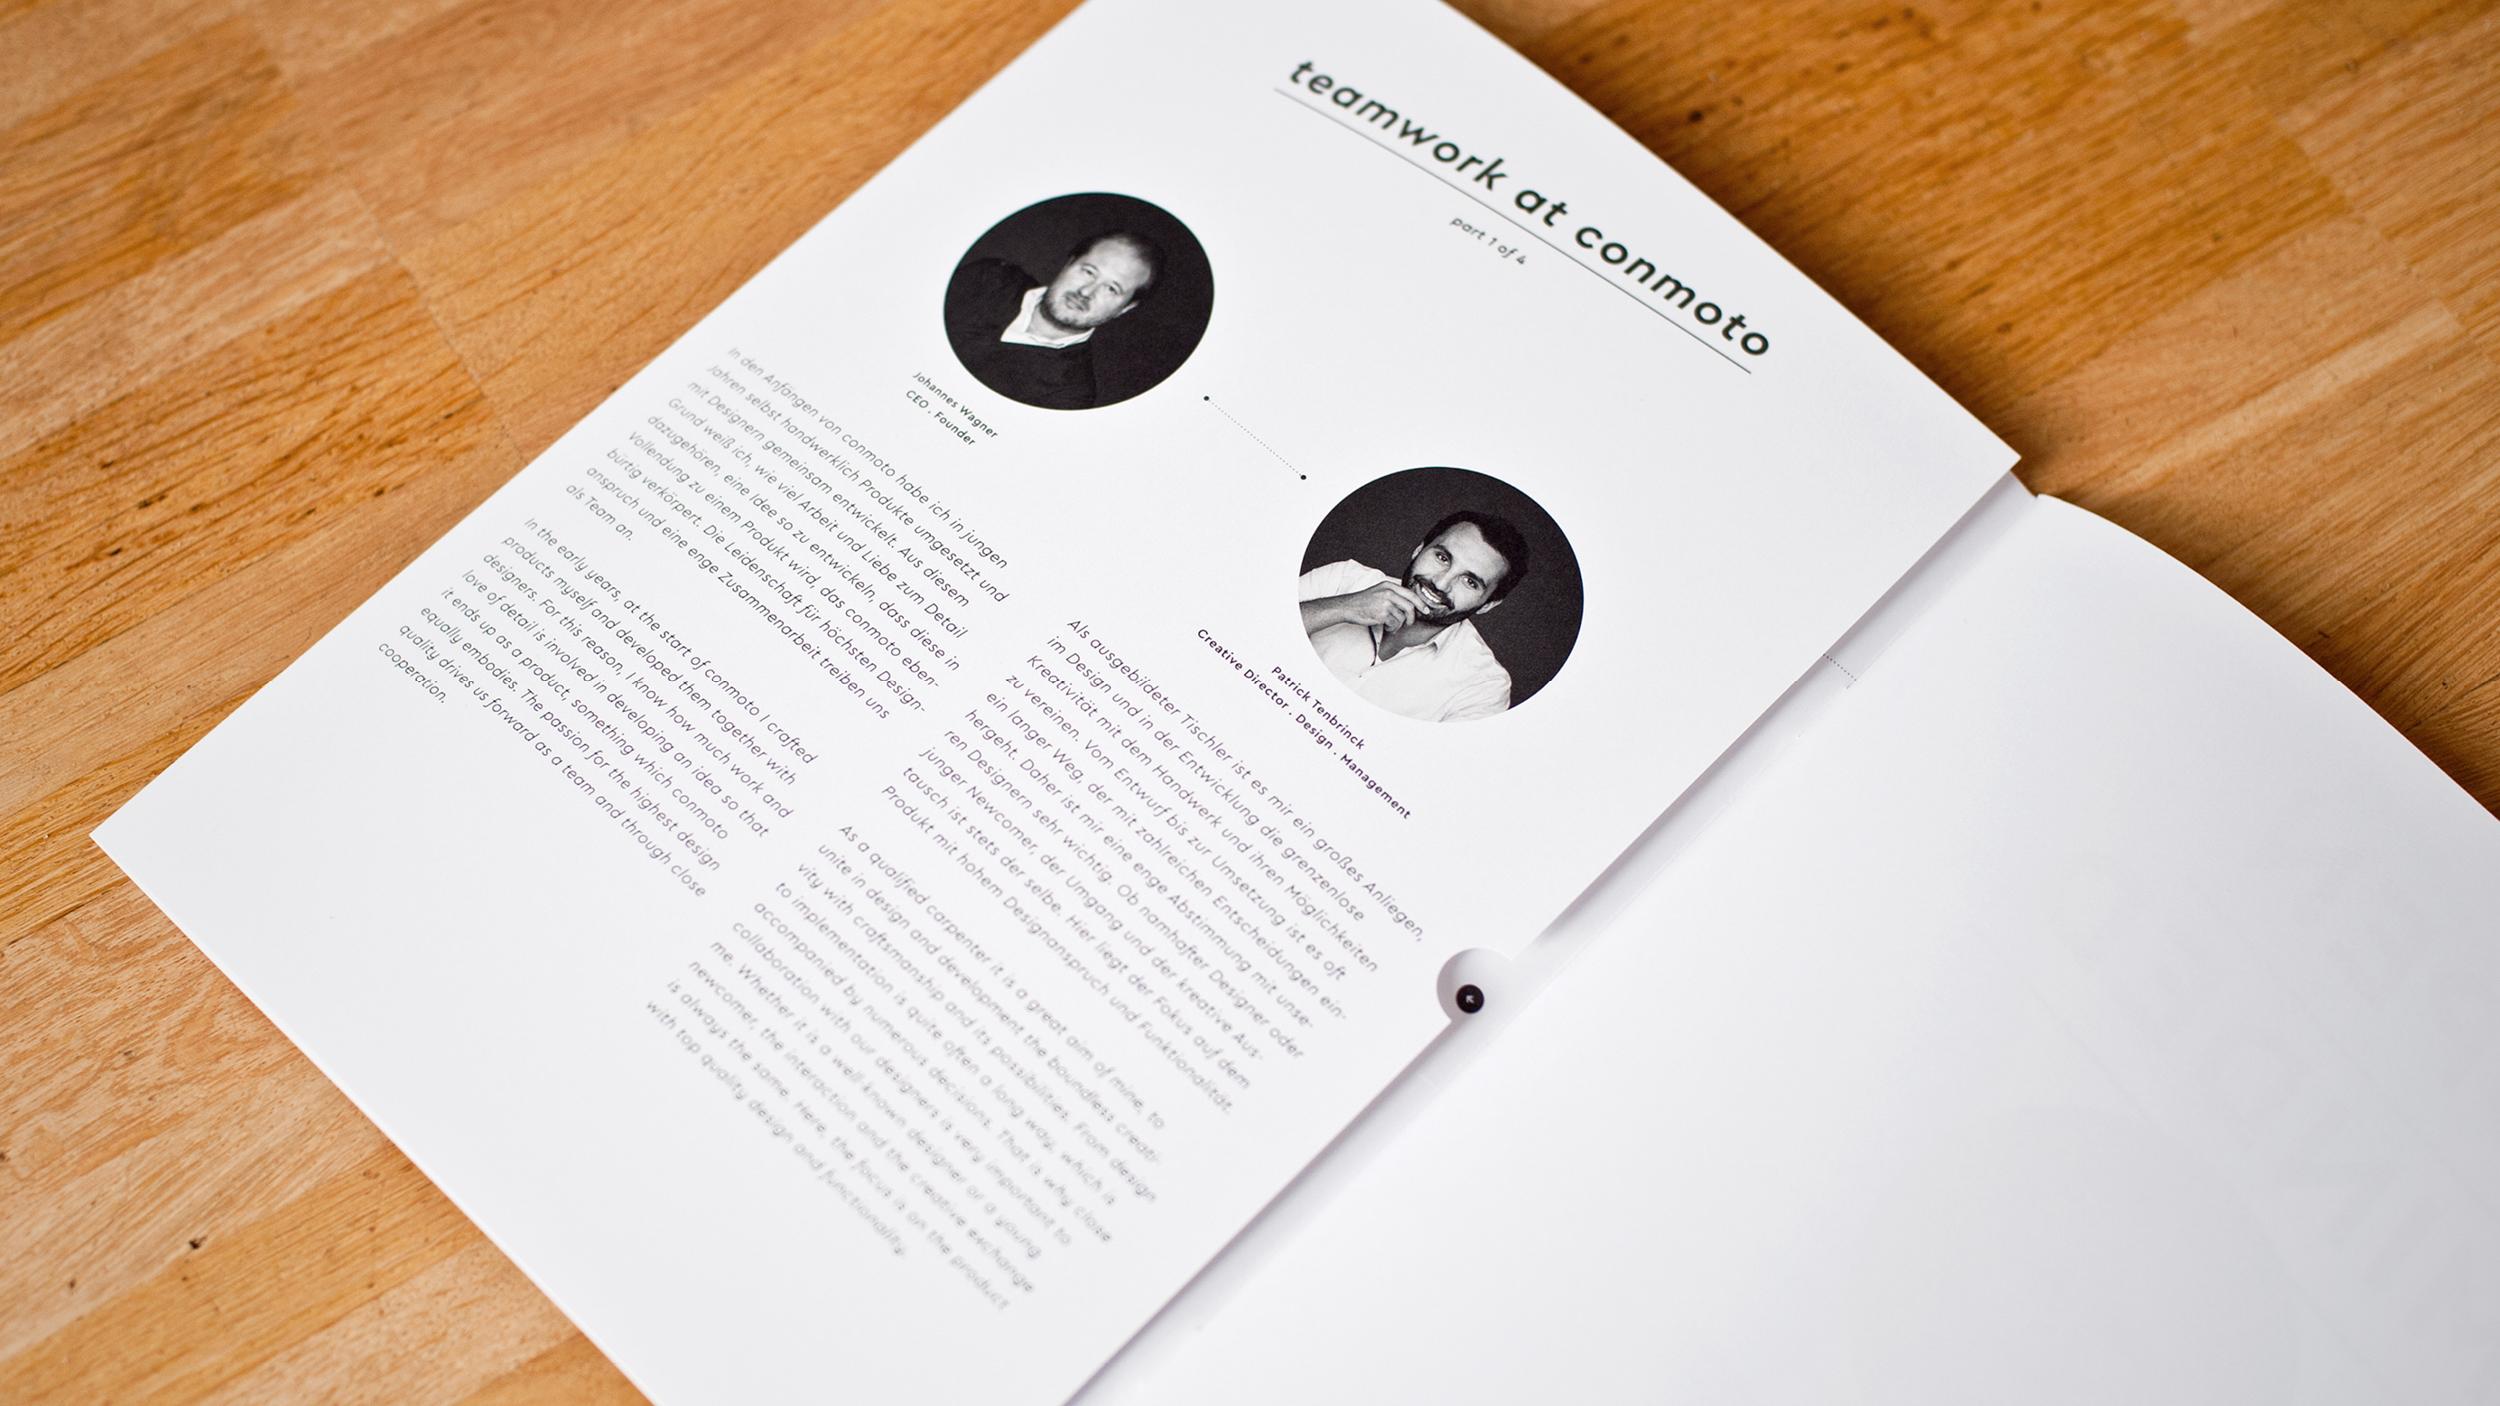 UNGESTRICHEN_conmoto catalogs 2010_start_016.jpg